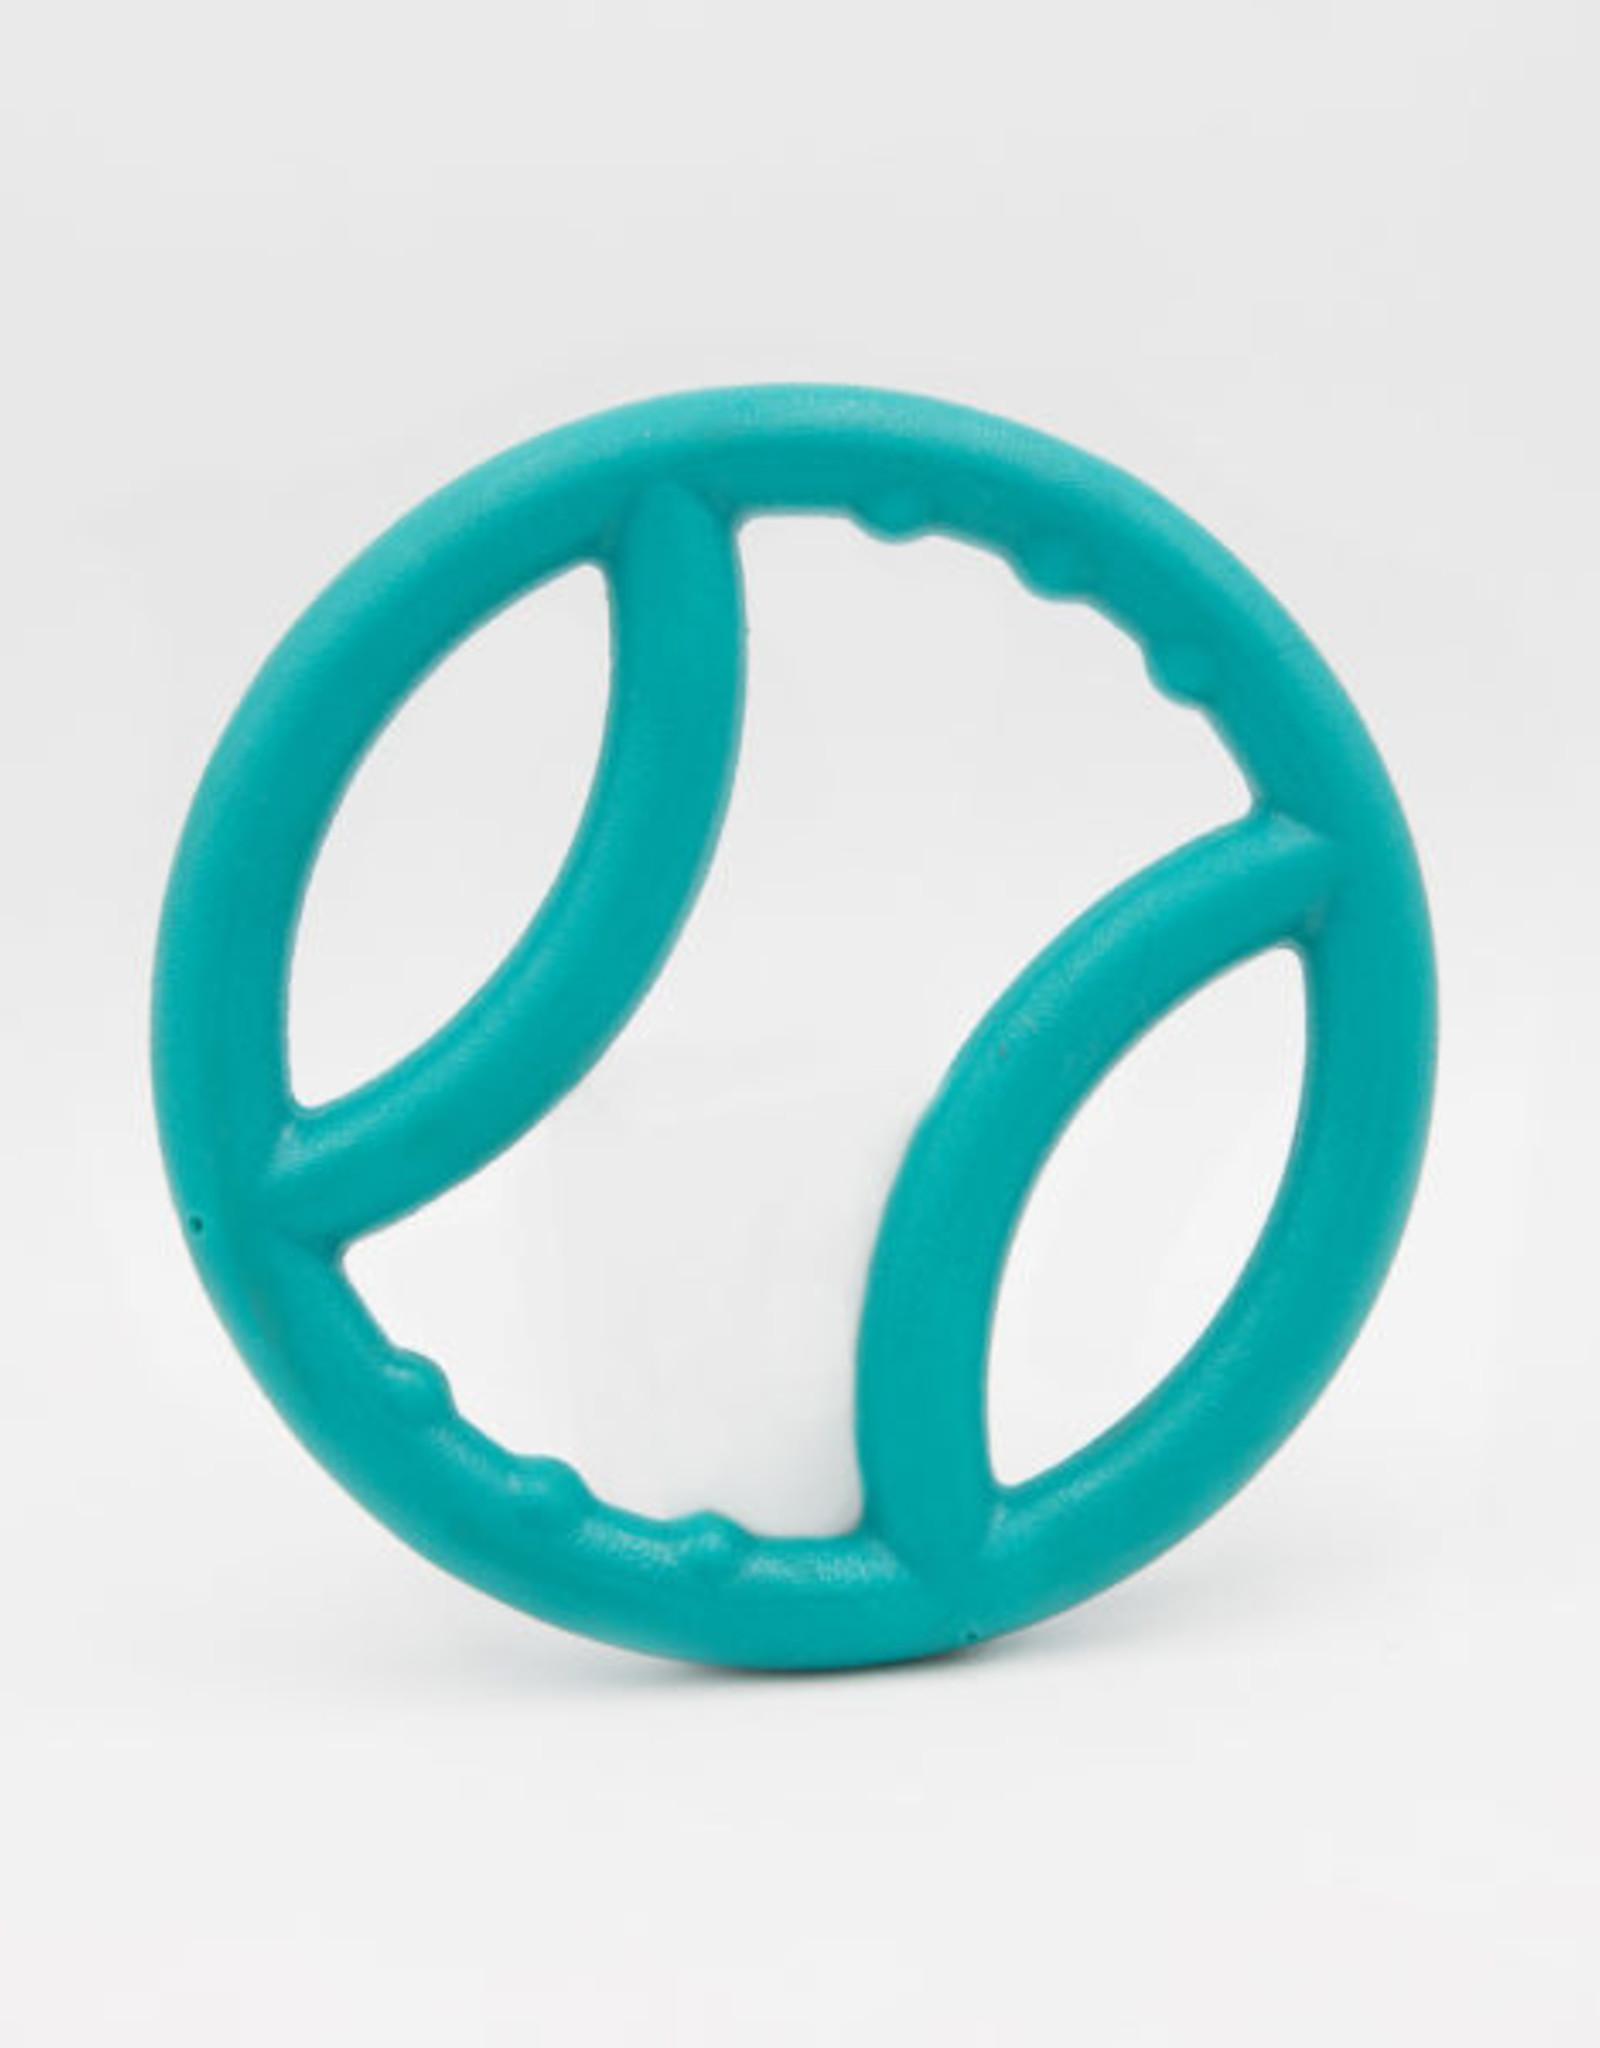 ZippyPaws Zippy Tuff Squeaky Ring